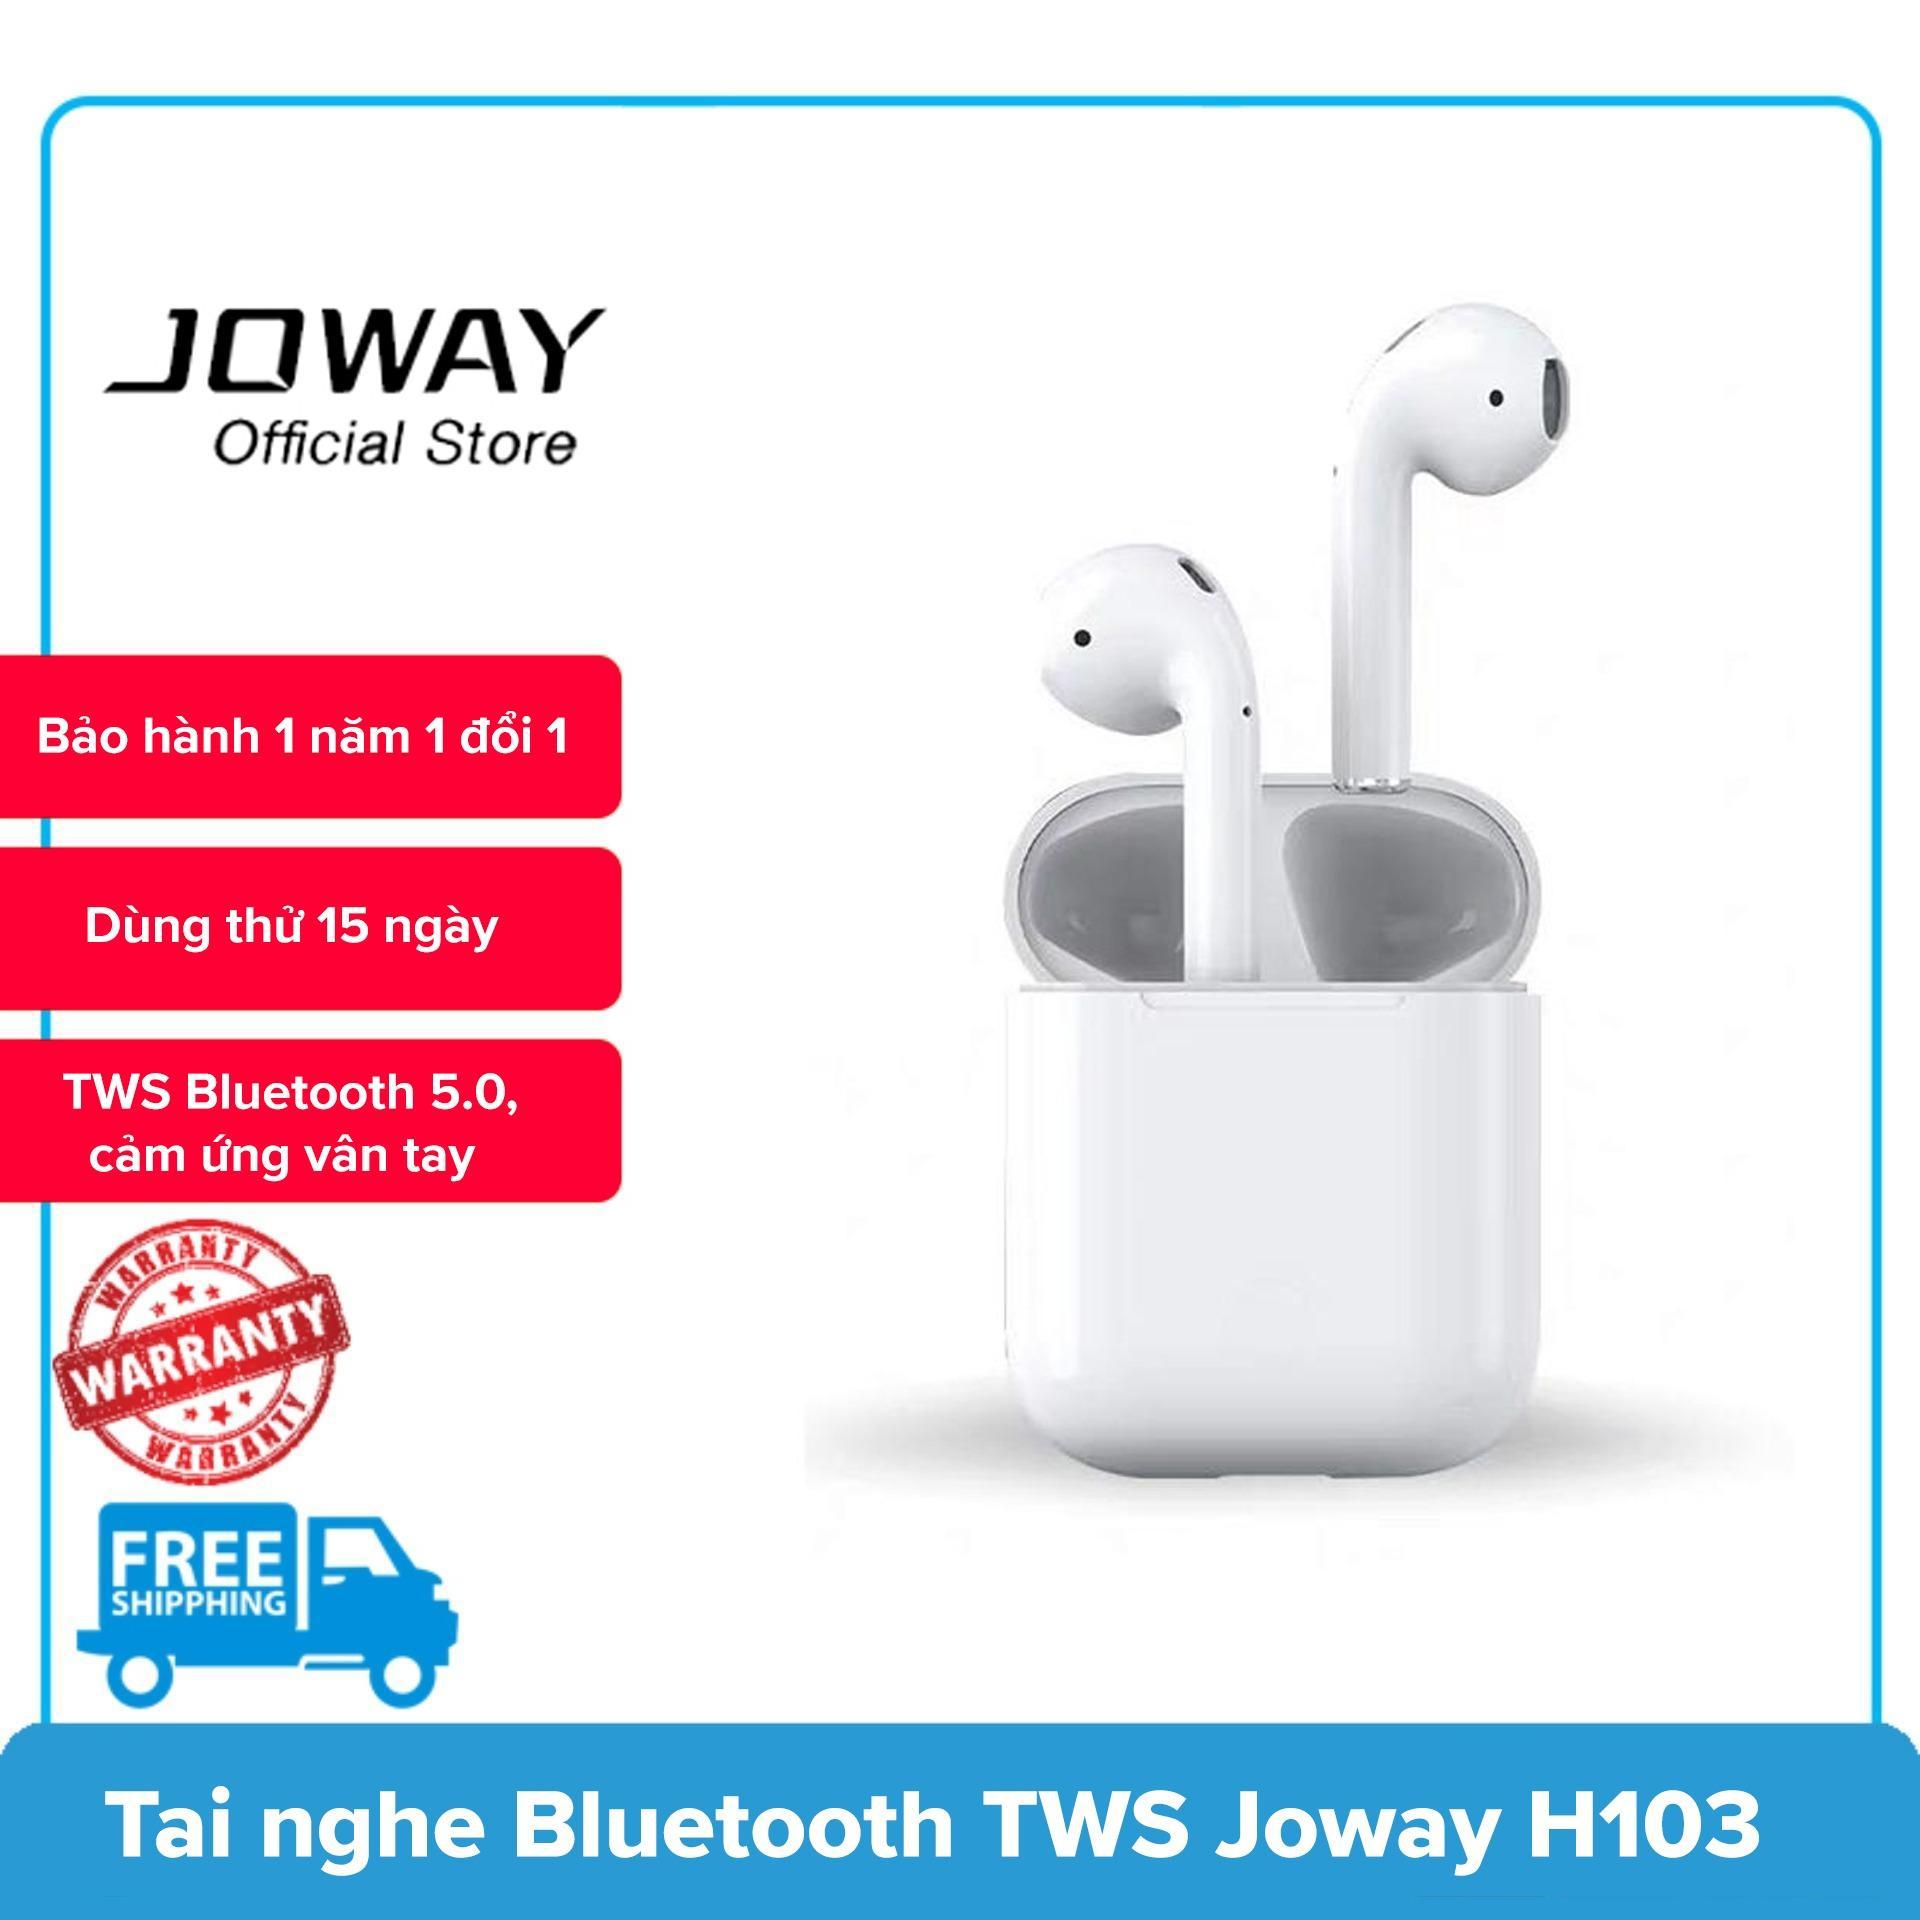 Tai Nghe Bluetooth Joway H103-AirPro, TWS Bluetooth 5.0, cảm ứng hồng ngoại (Trắng)